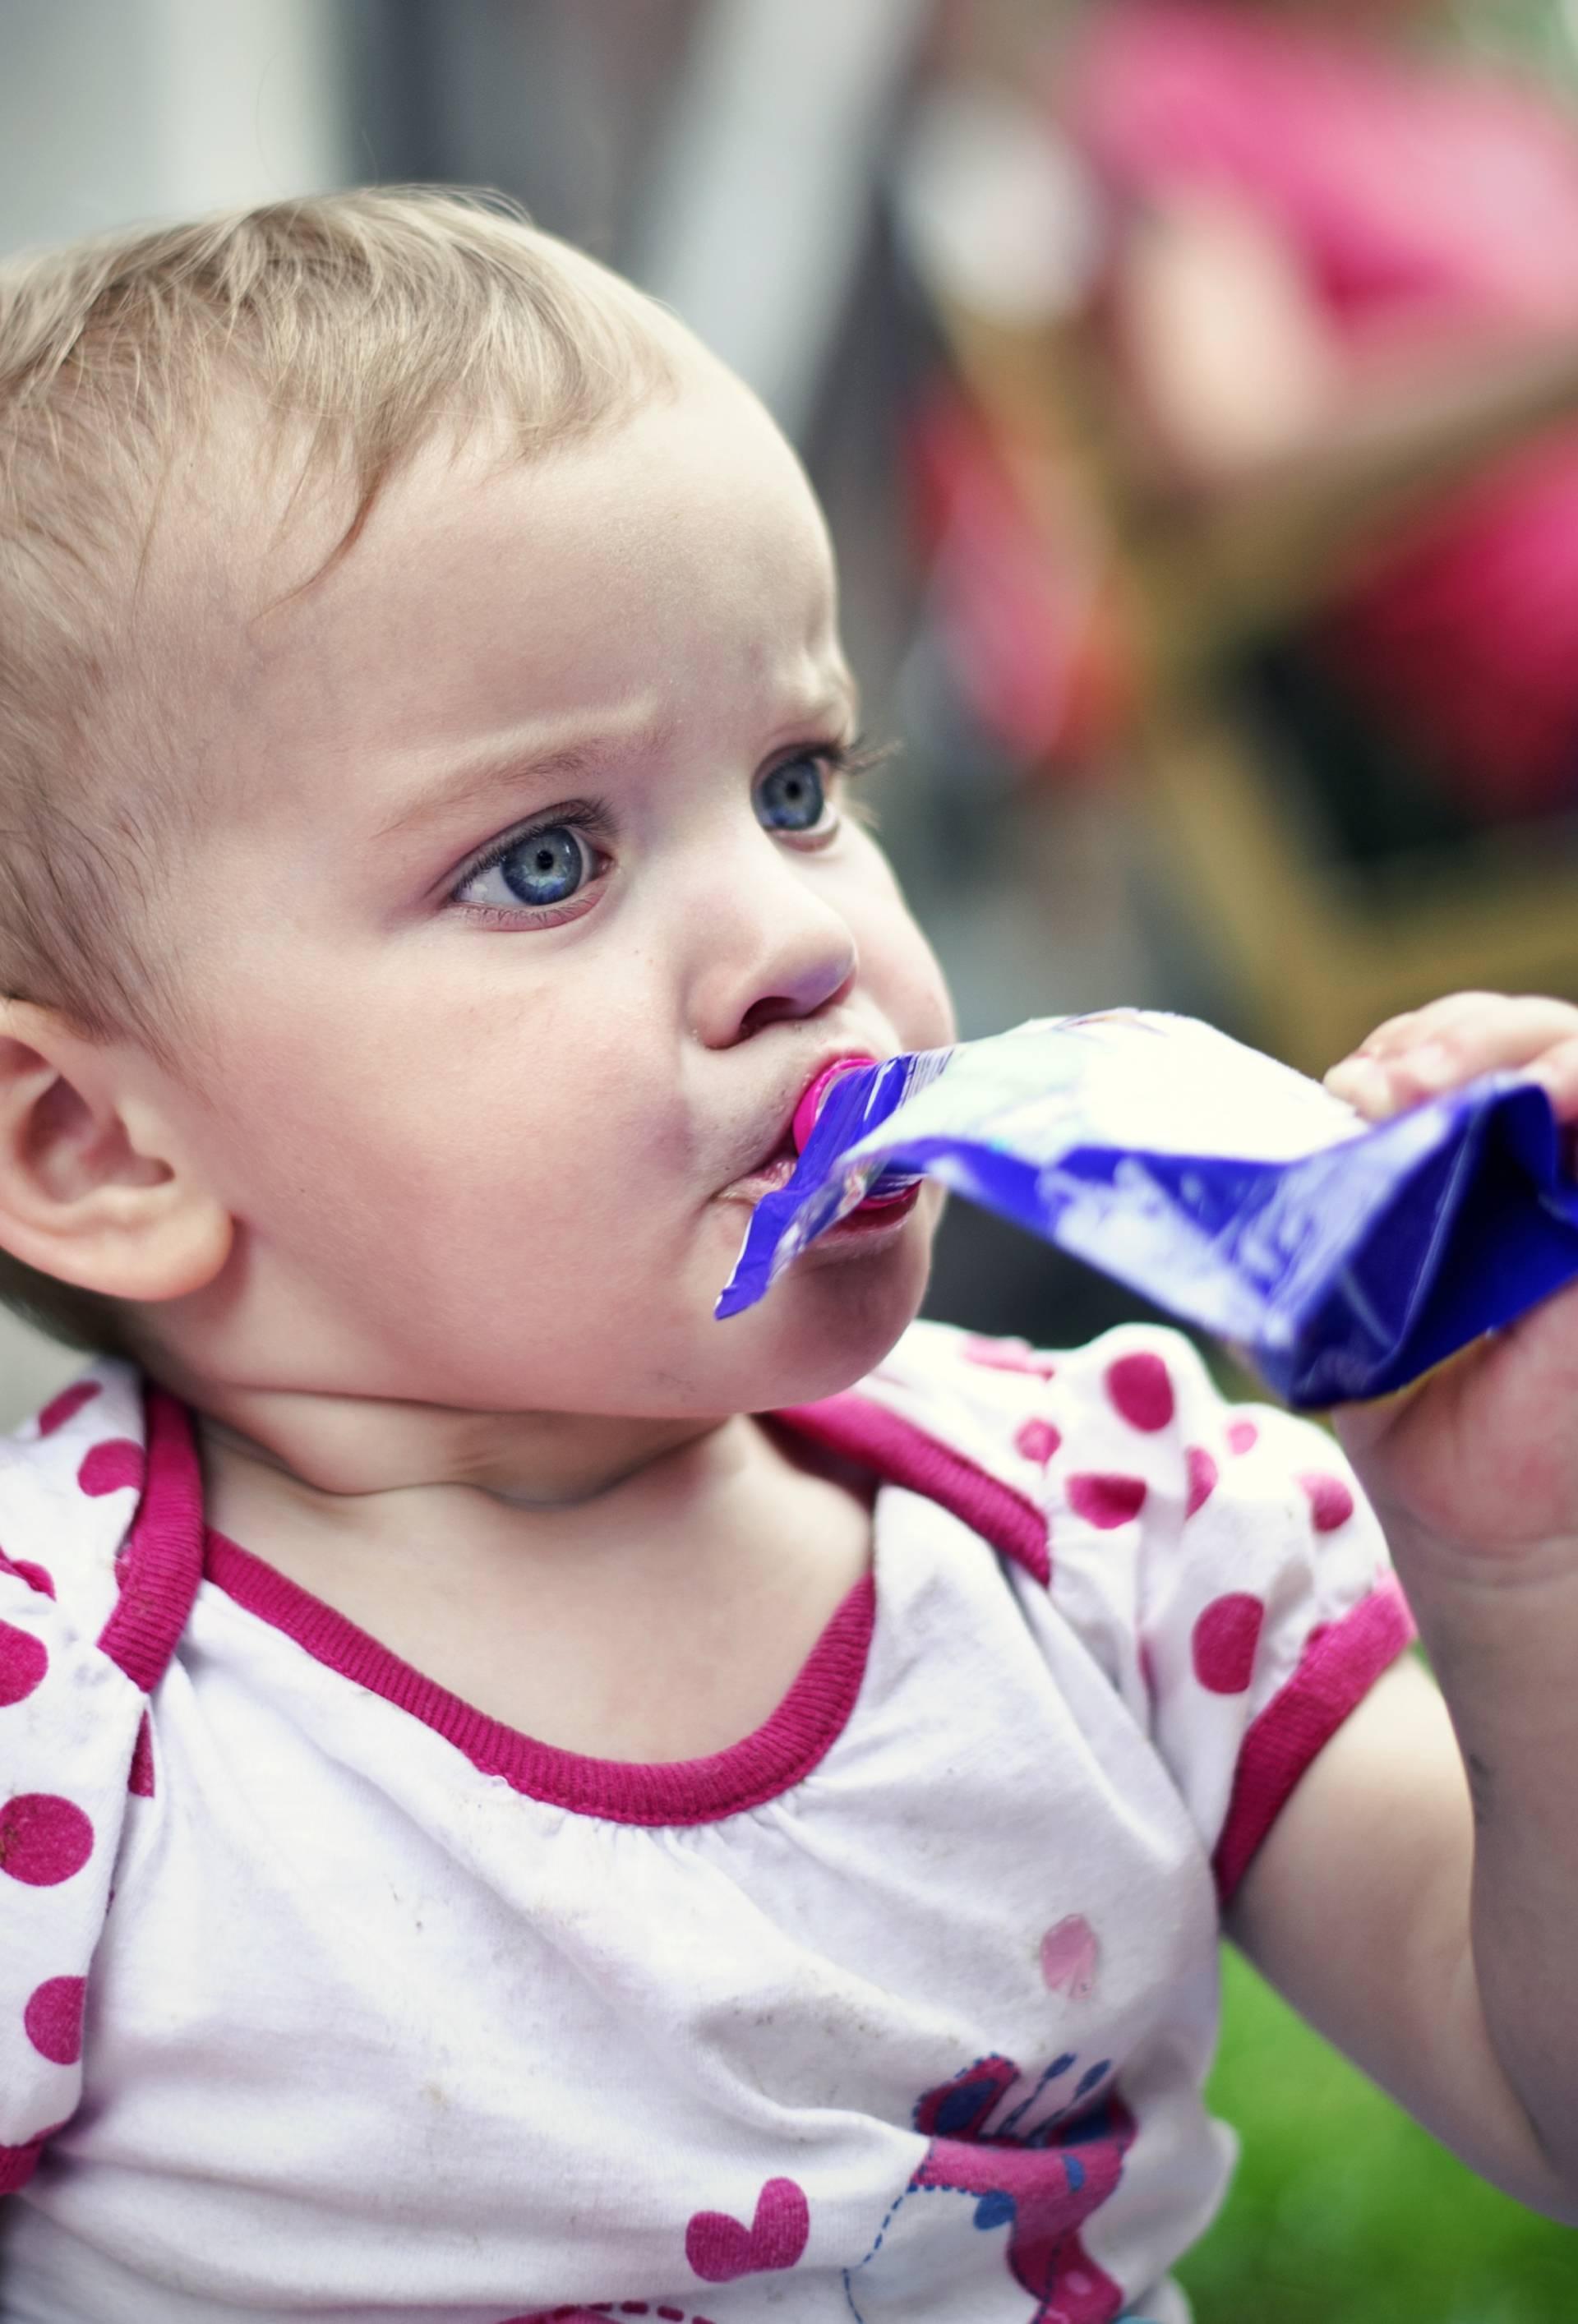 Istražili smo: Koje su kašice za djecu najzdravije na tržištu?